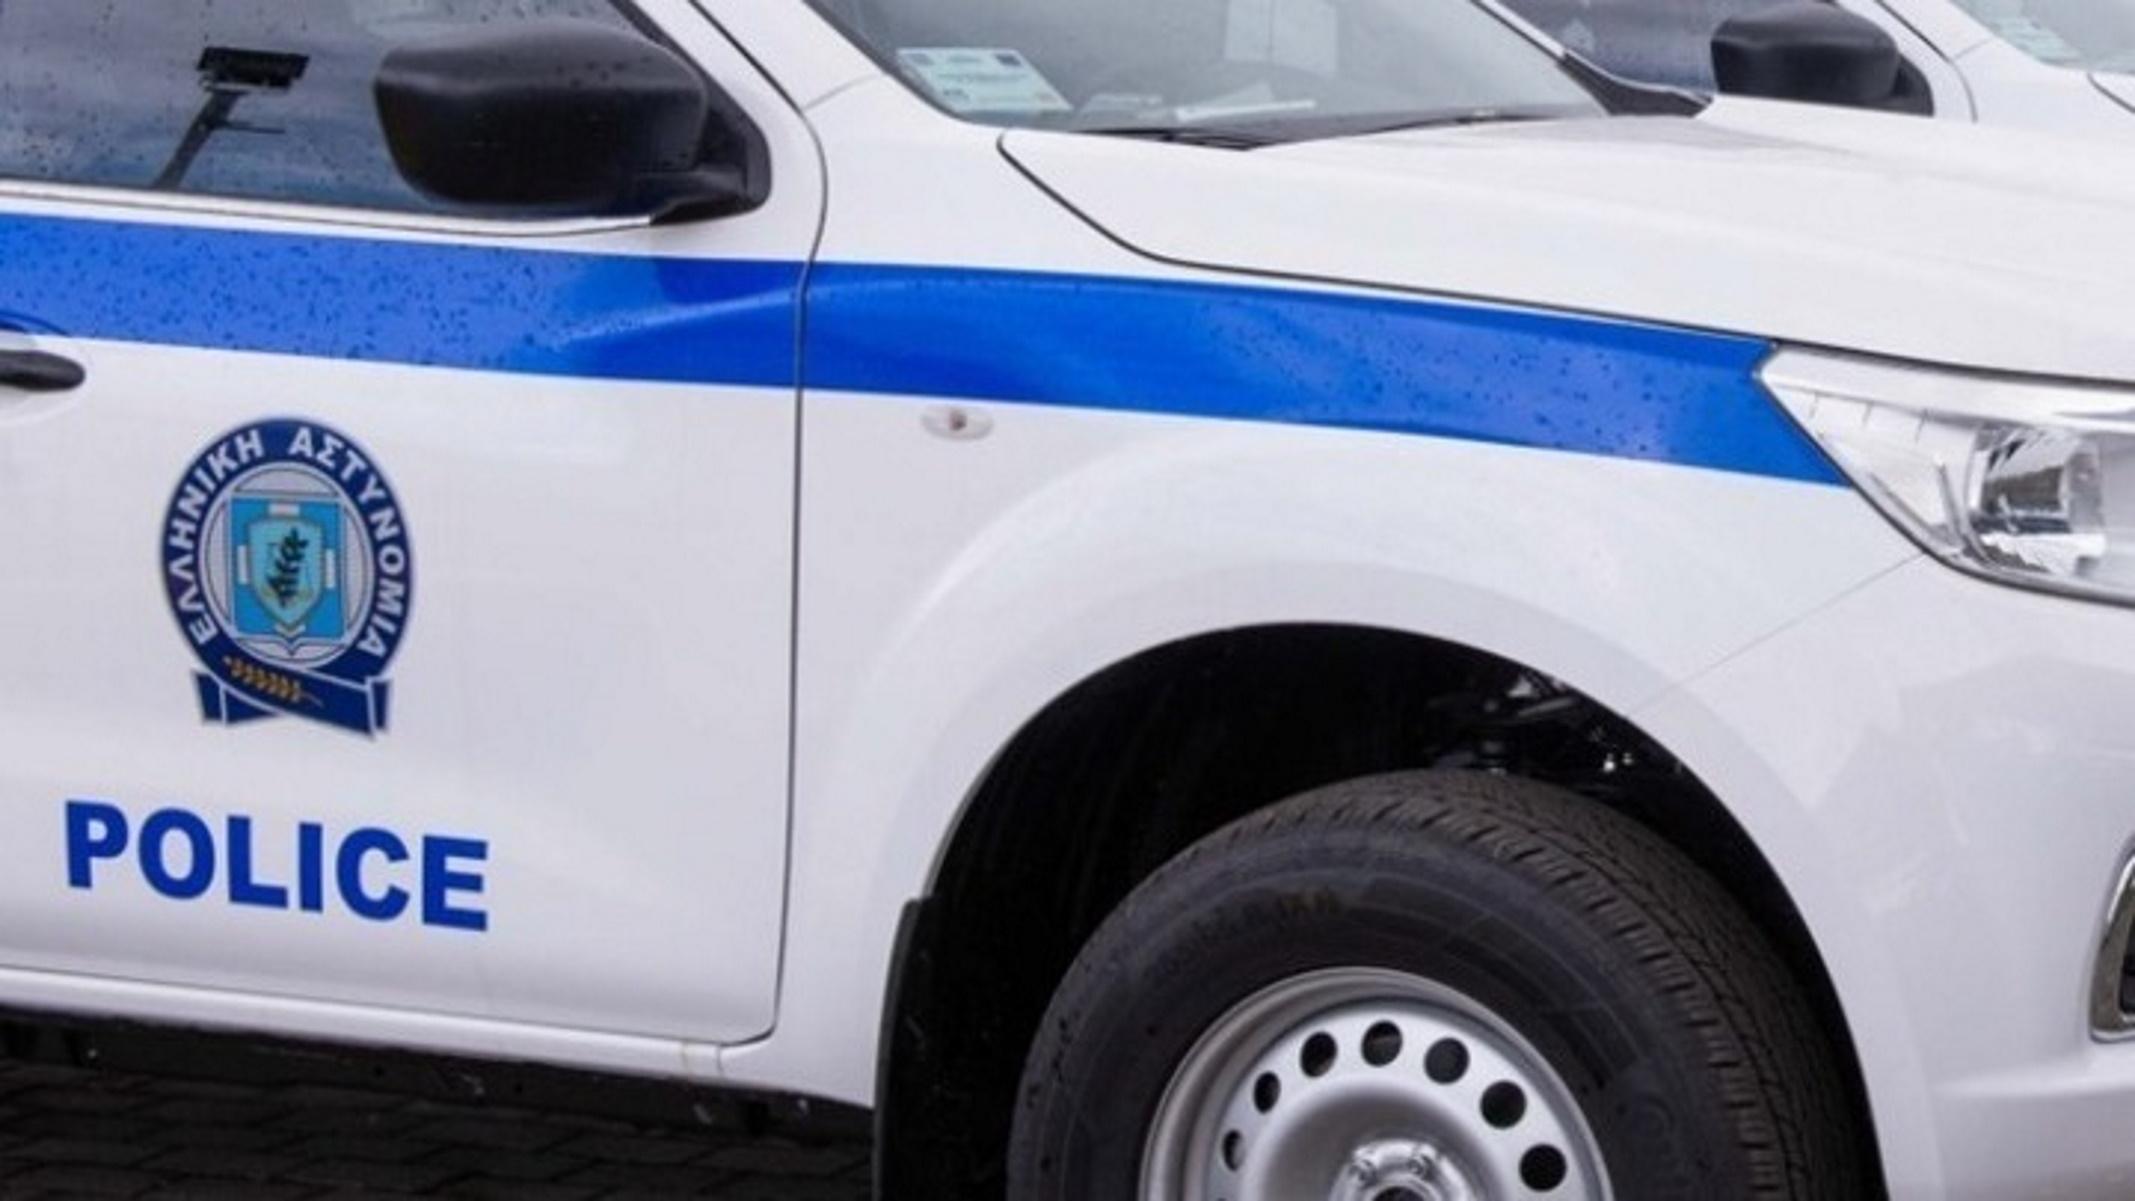 Καβάλα: Πάσχα στο αστυνομικό τμήμα – Βγήκε στην αυλή και άρχισε να πυροβολεί στον αέρα